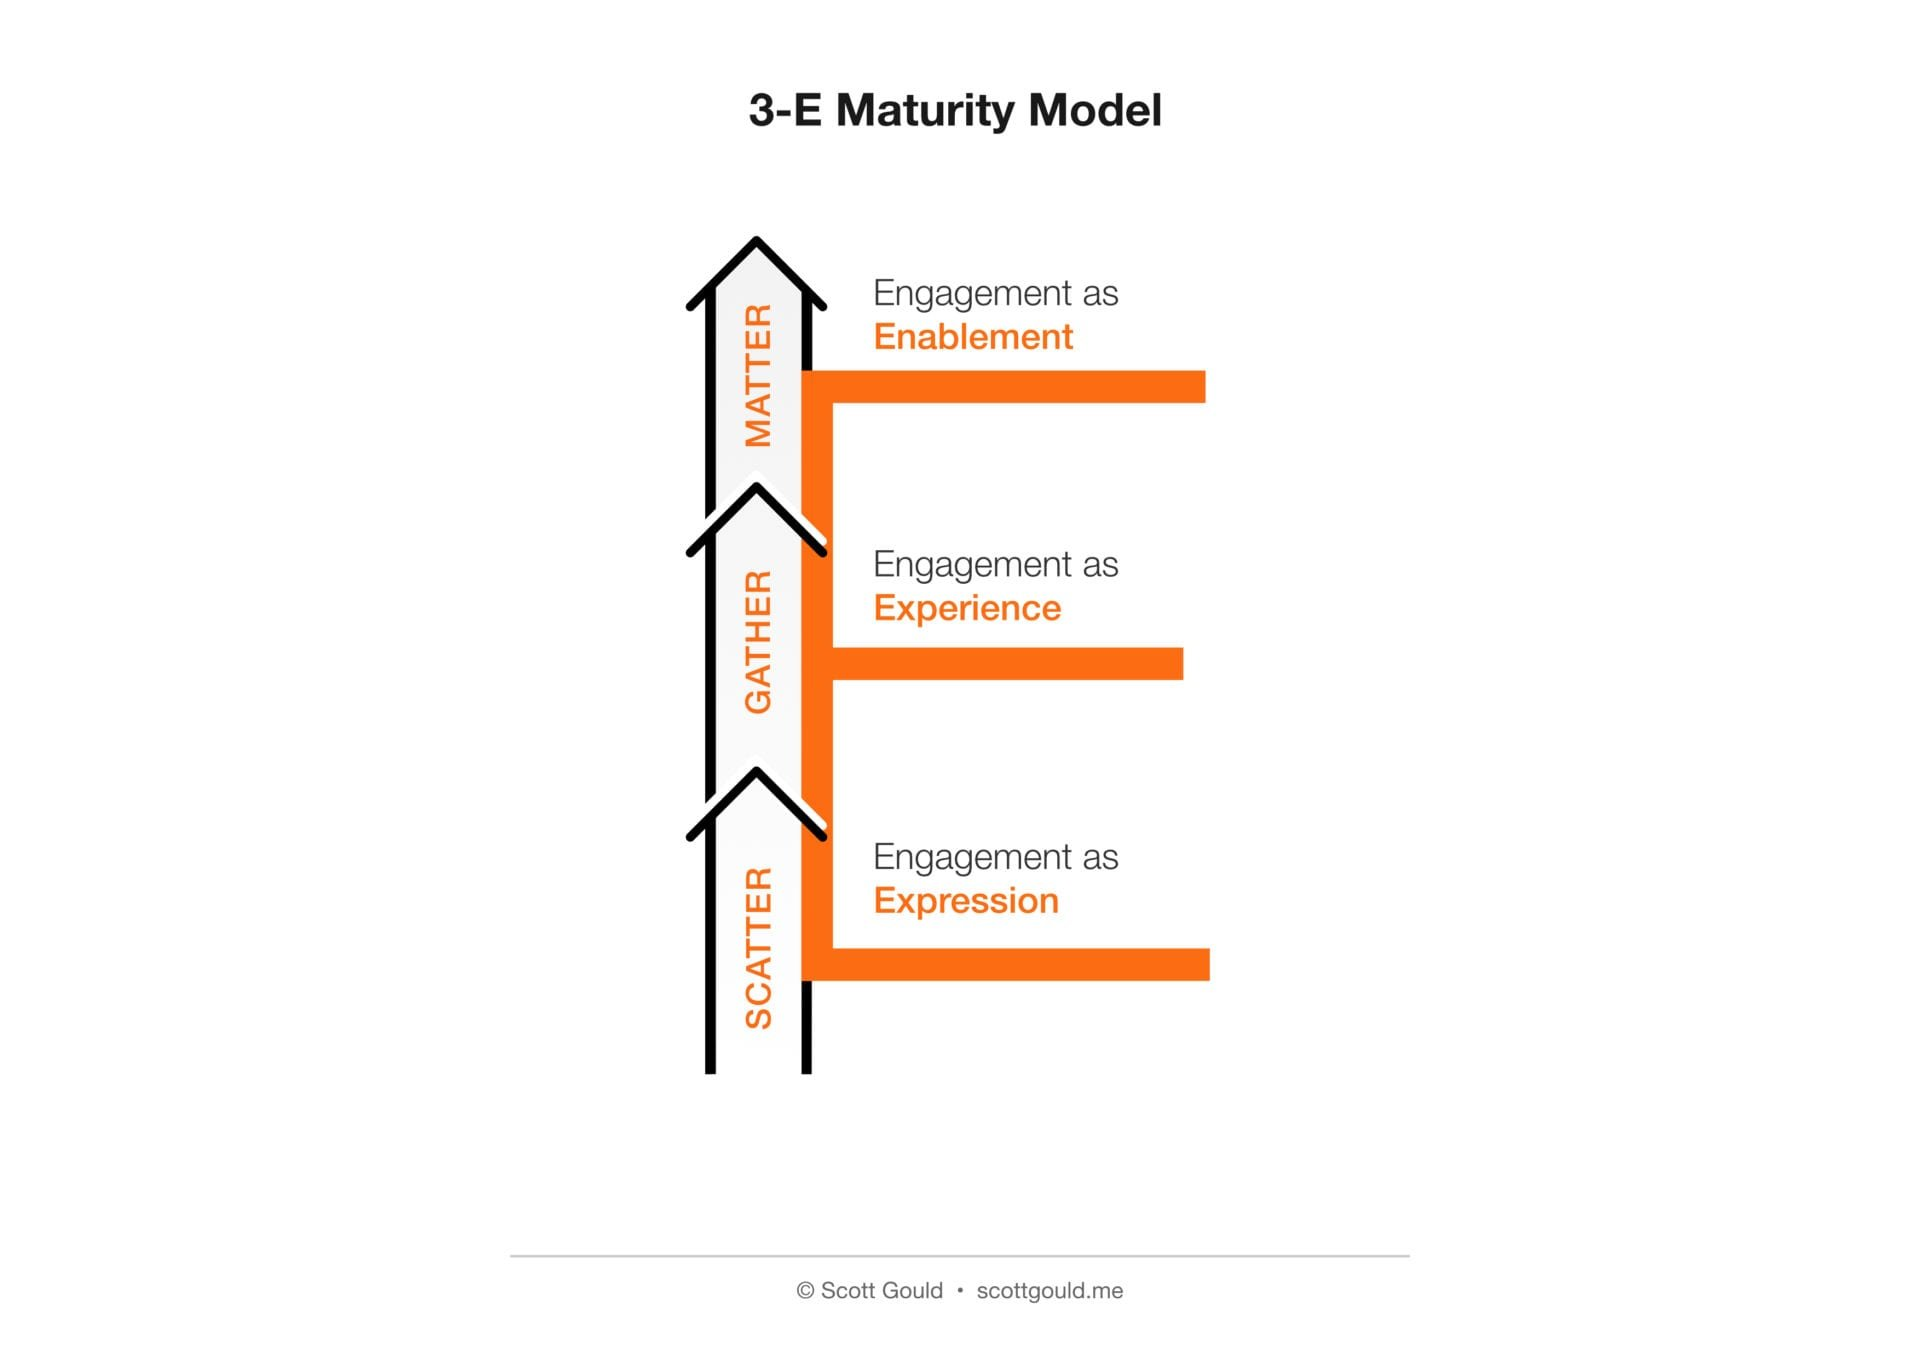 modele de maturité de l'engagement